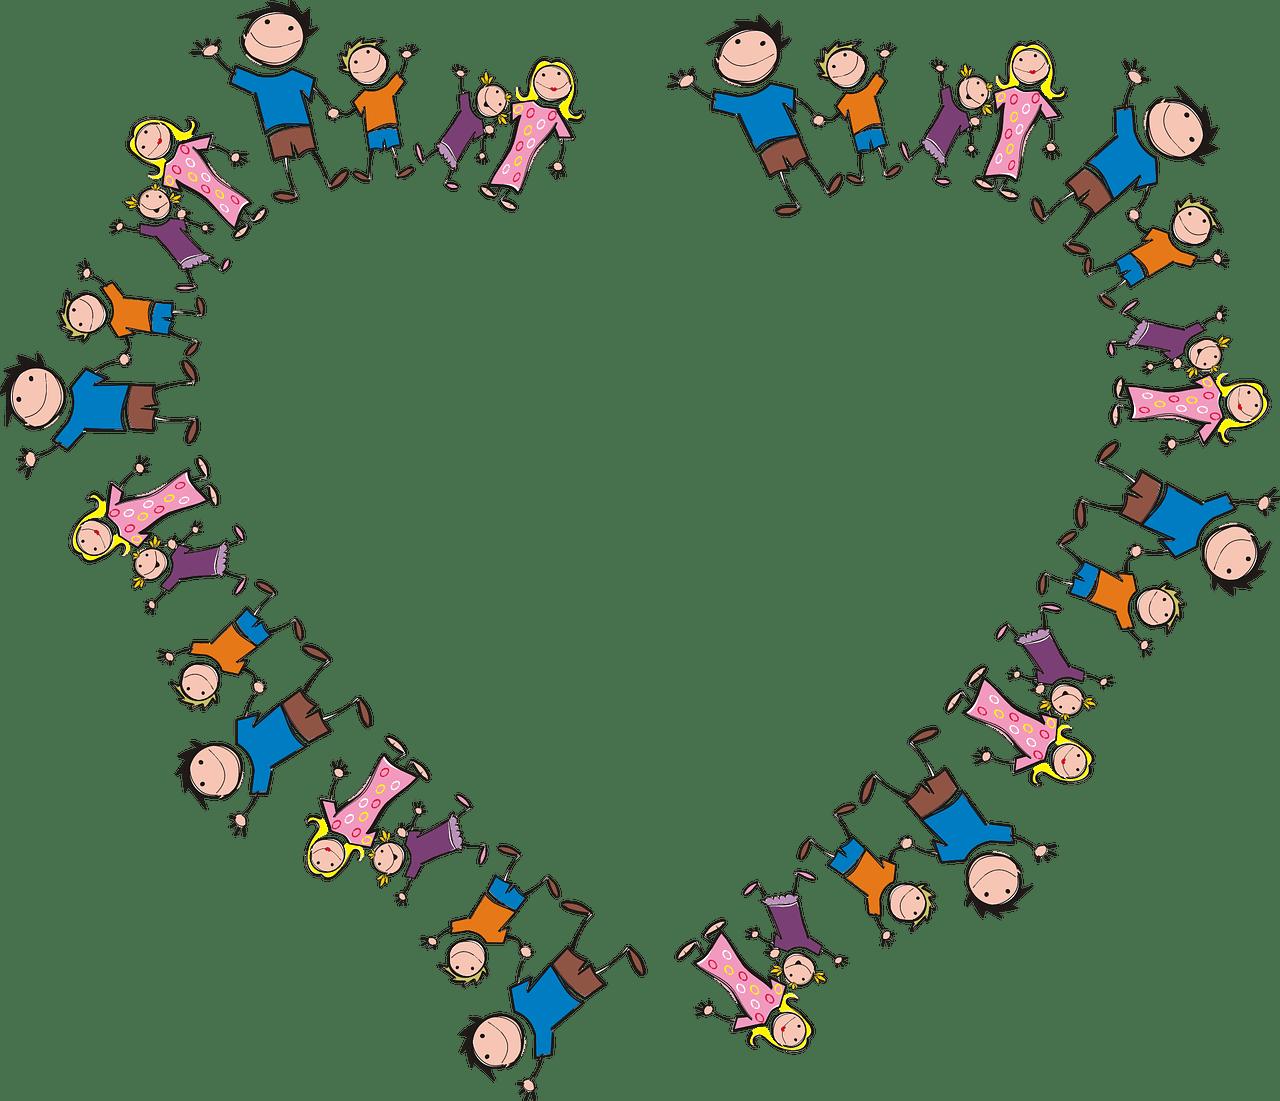 Assegno temporaneo figli minori, informazioni su presentazione domanda